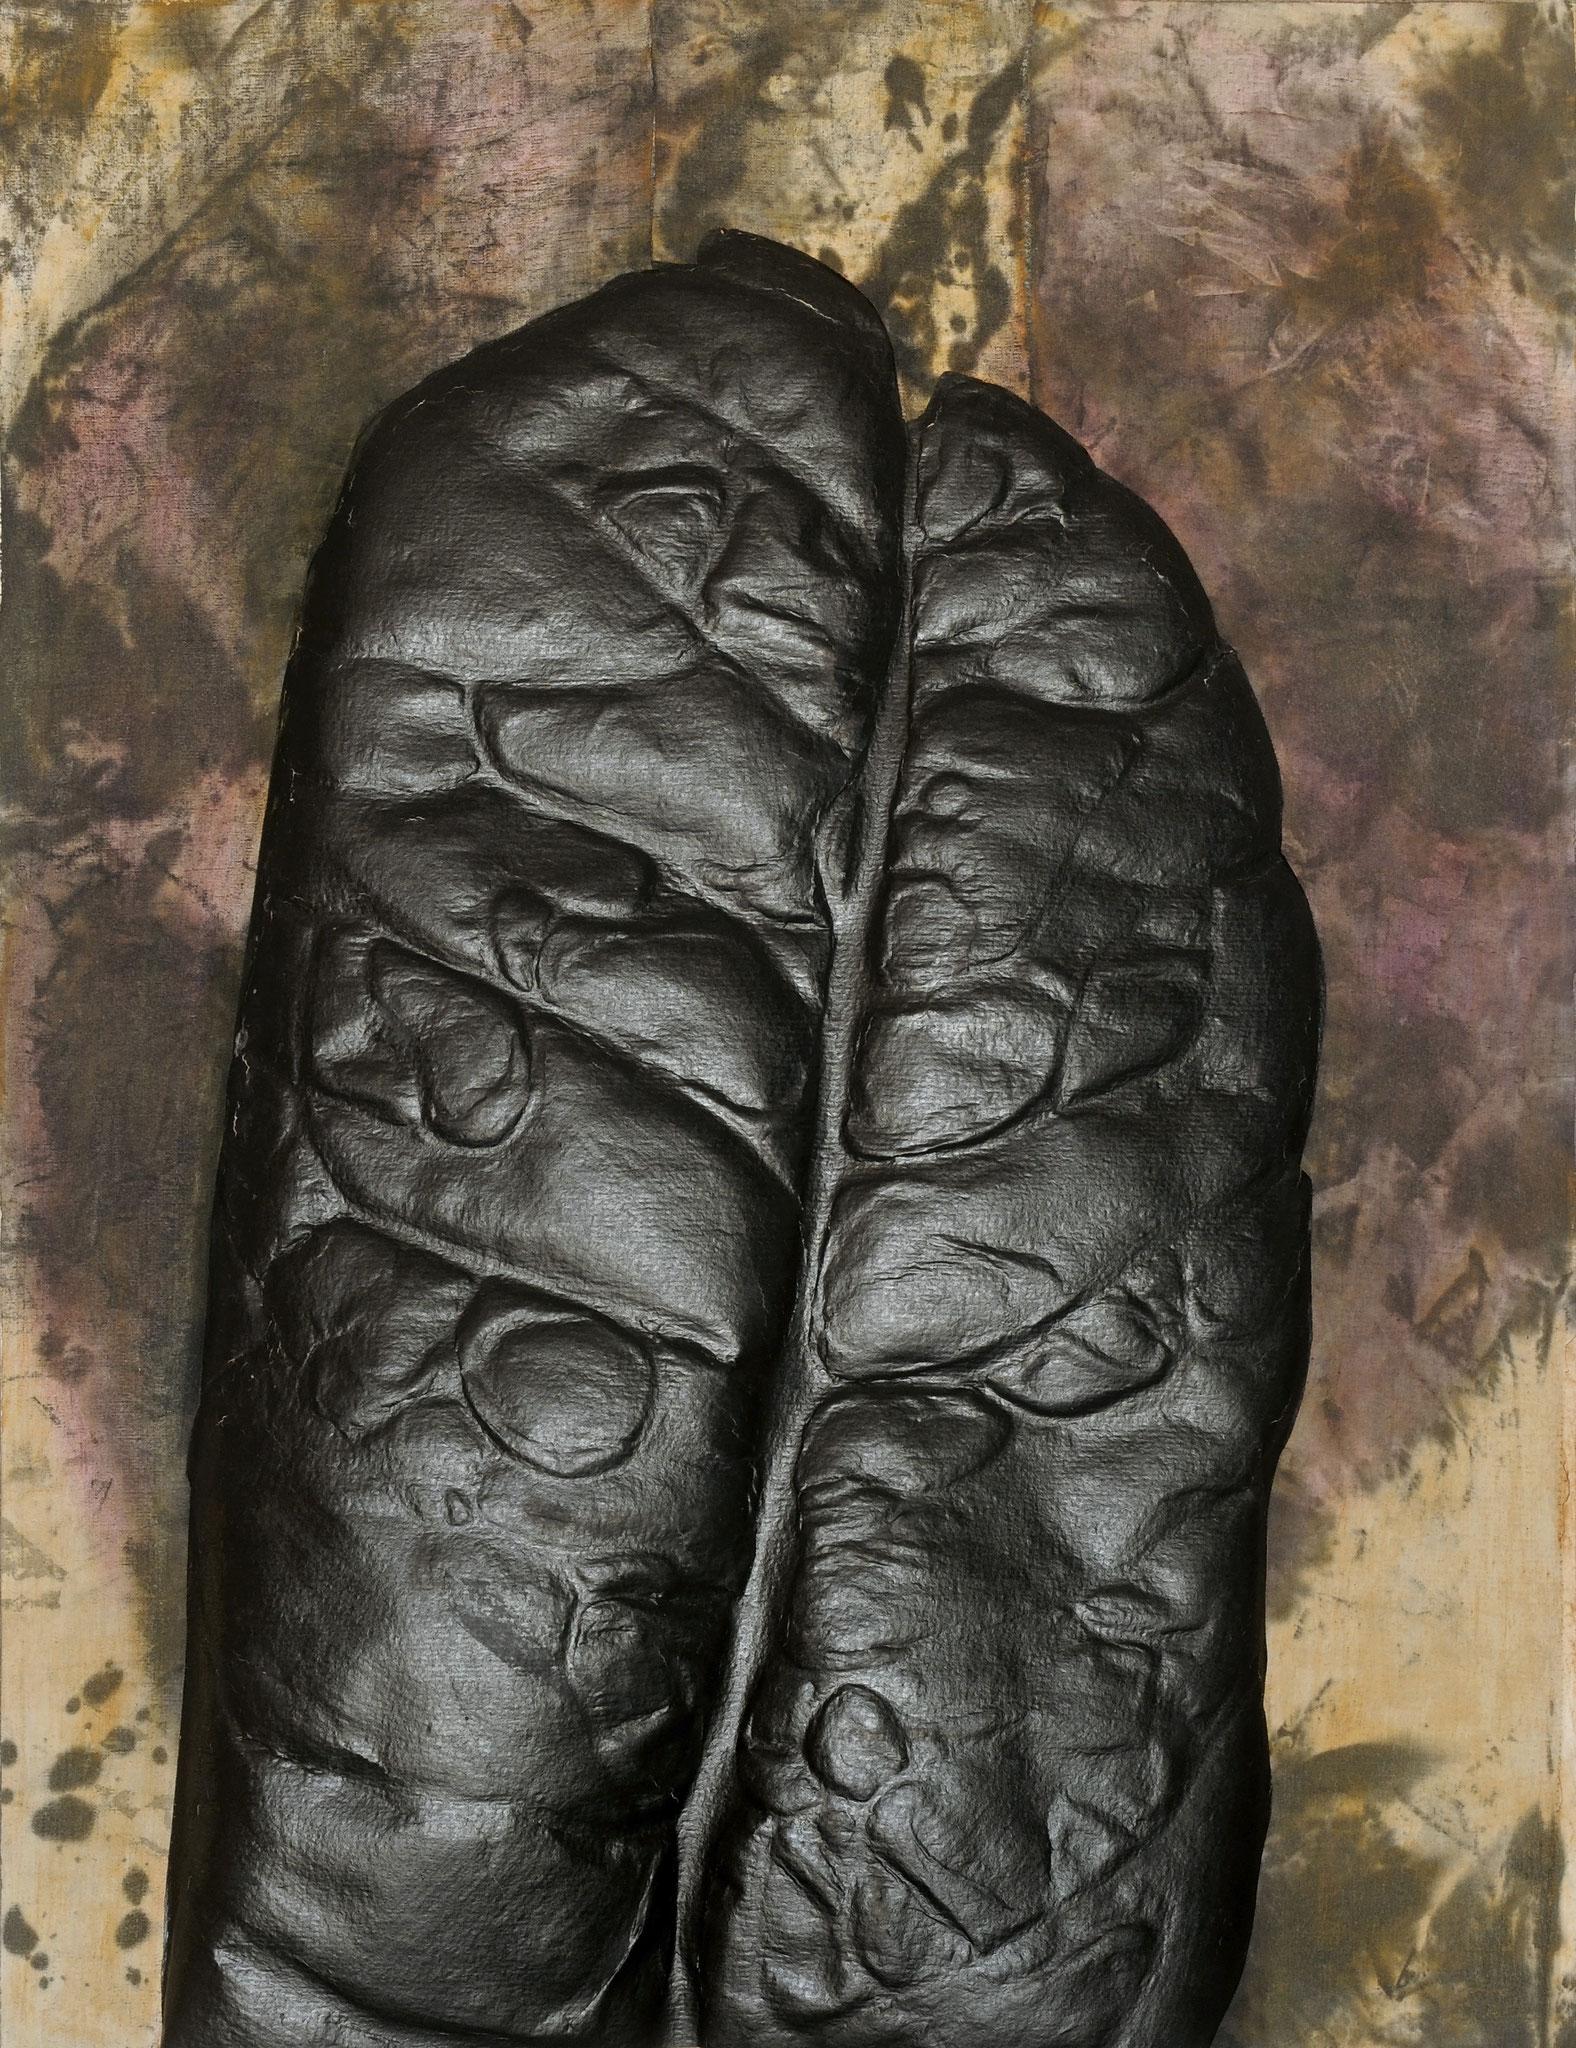 2011 - 2012. 64 x 50 cm. Papier en relief marouflé sur toile avec lès de toile marouflés sur papier. Encre d'imprimerie.